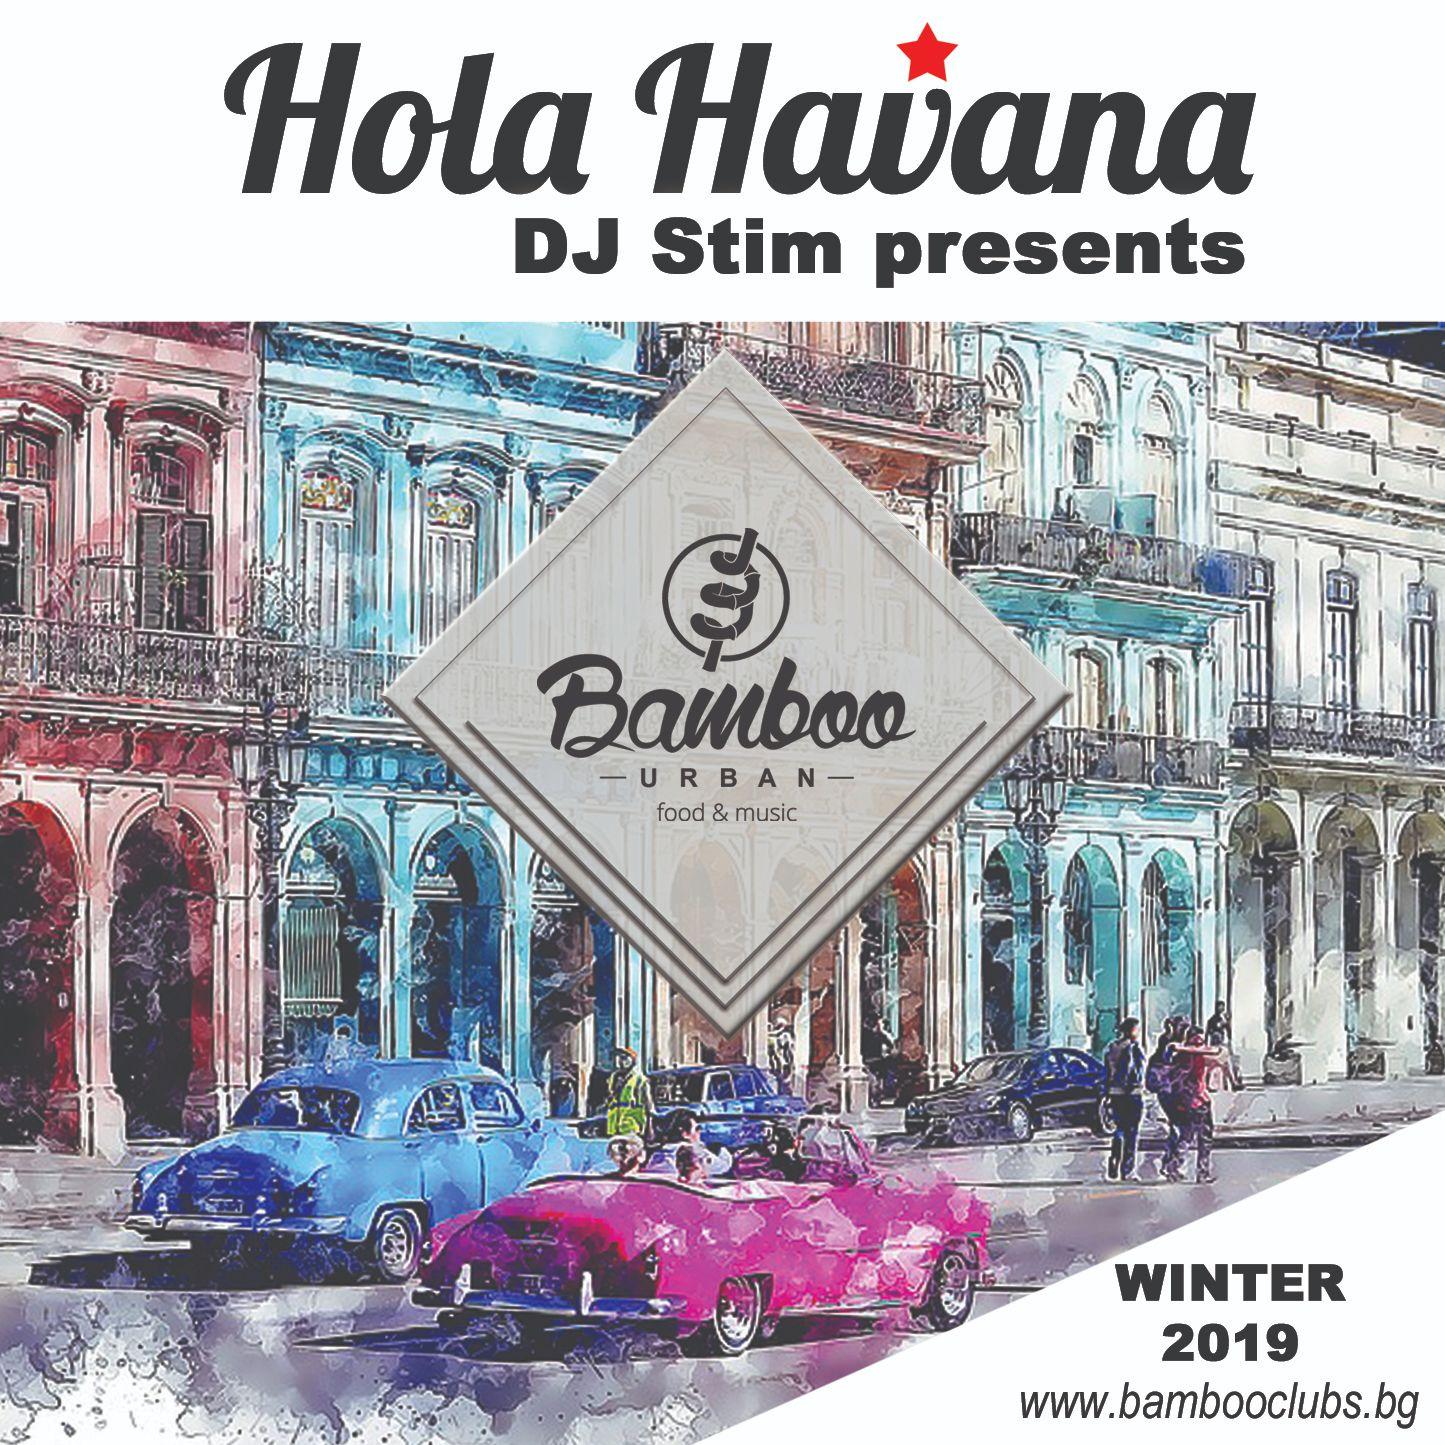 Bamboo Urban Latino Mix Winter 2019 Mixed By Dj Stim by Bamboo Beach